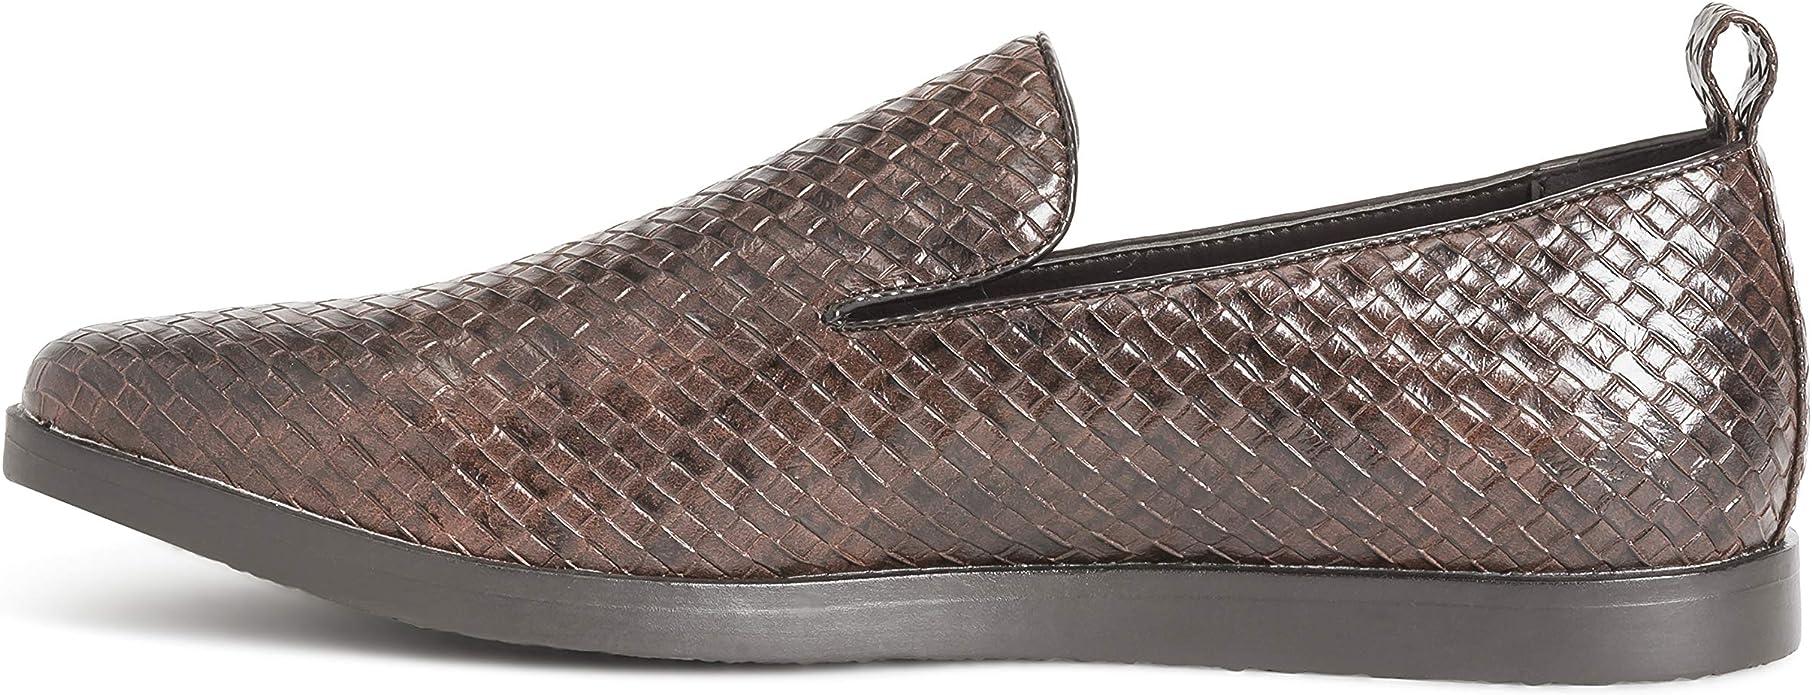 Amazon.com: Queensbery Kingsley - Zapatos planos de piel ...